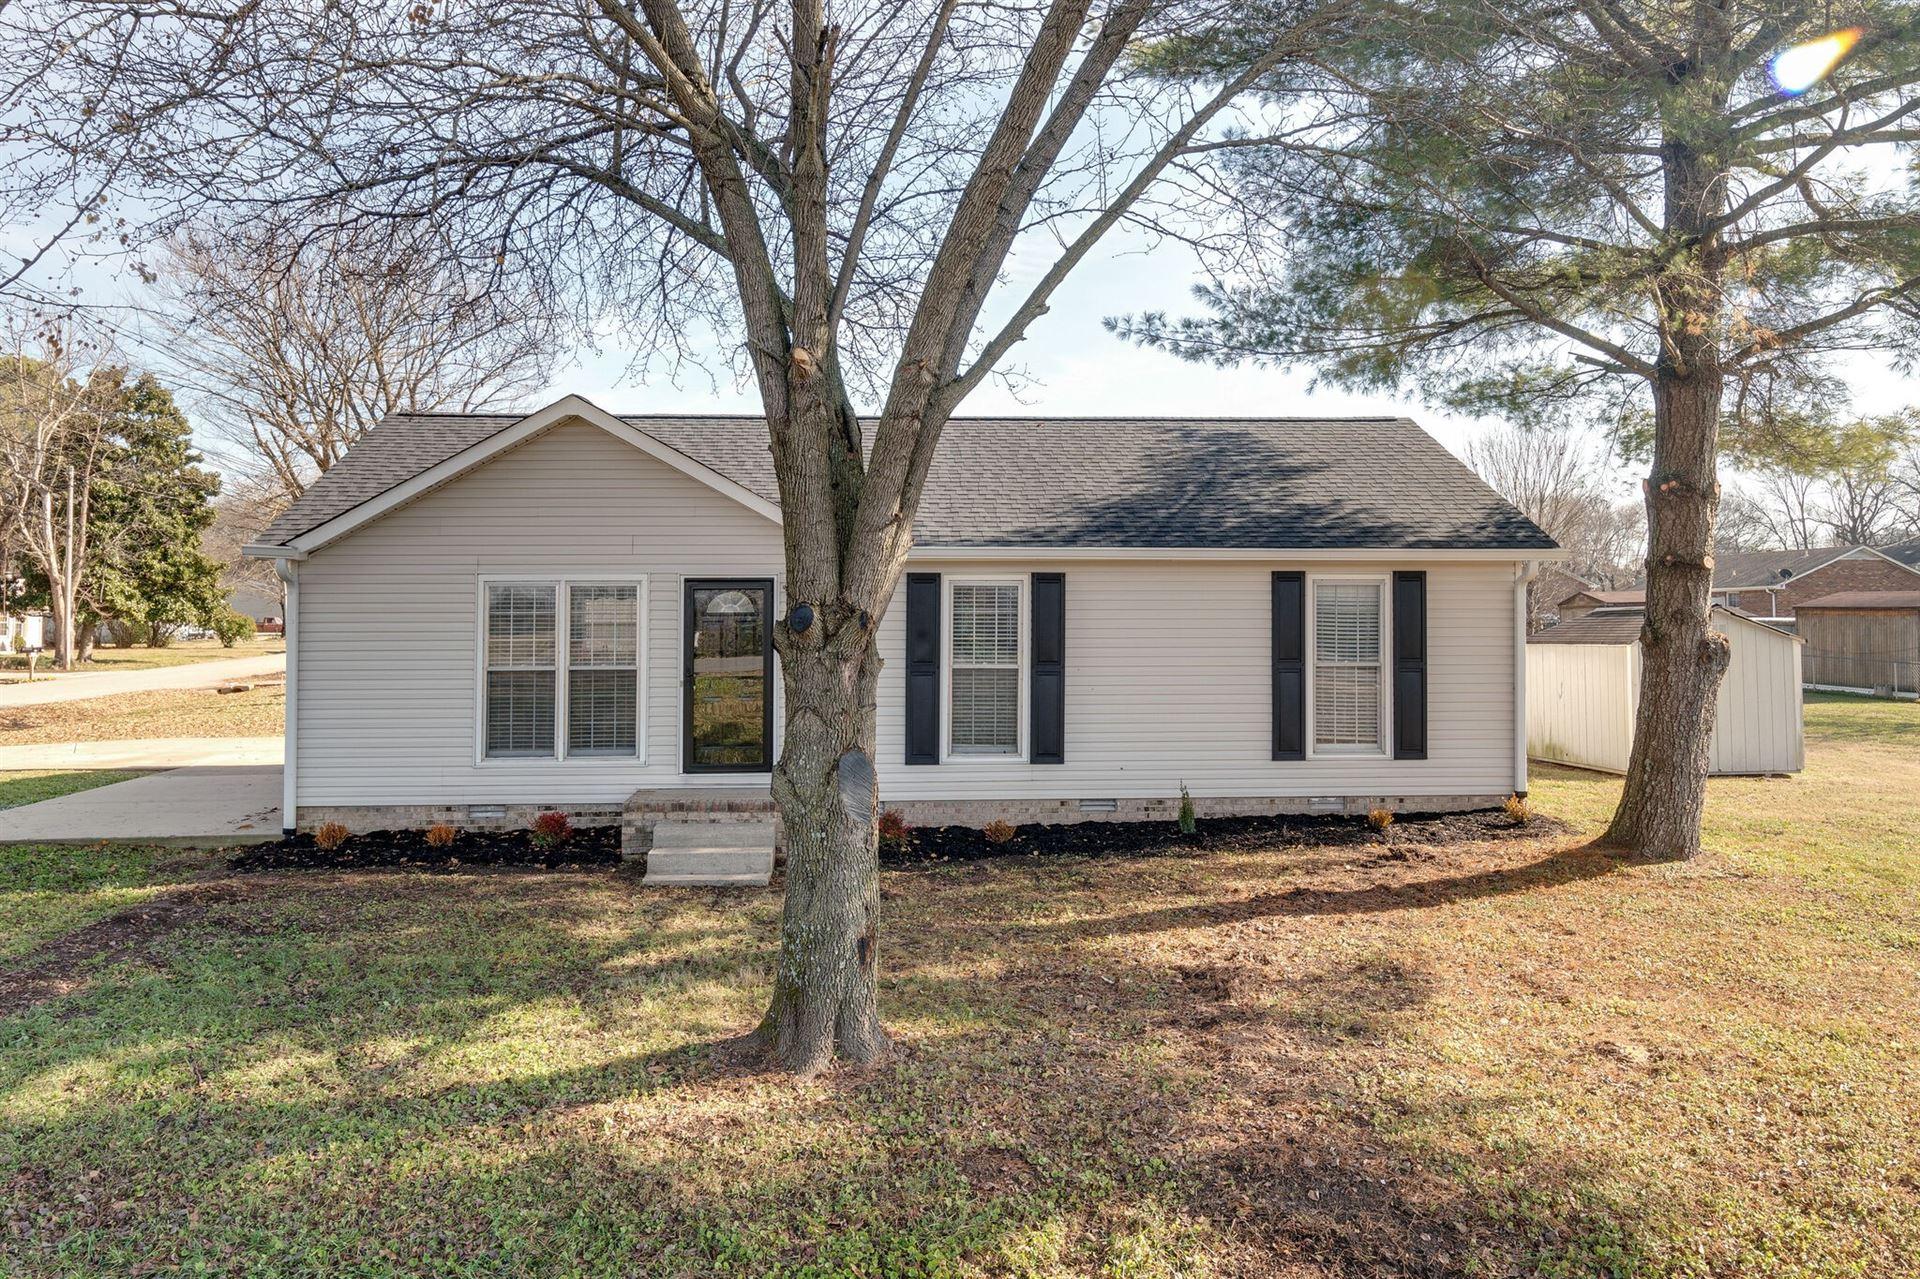 616 Rutherford Ln, Columbia, TN 38401 - MLS#: 2215171